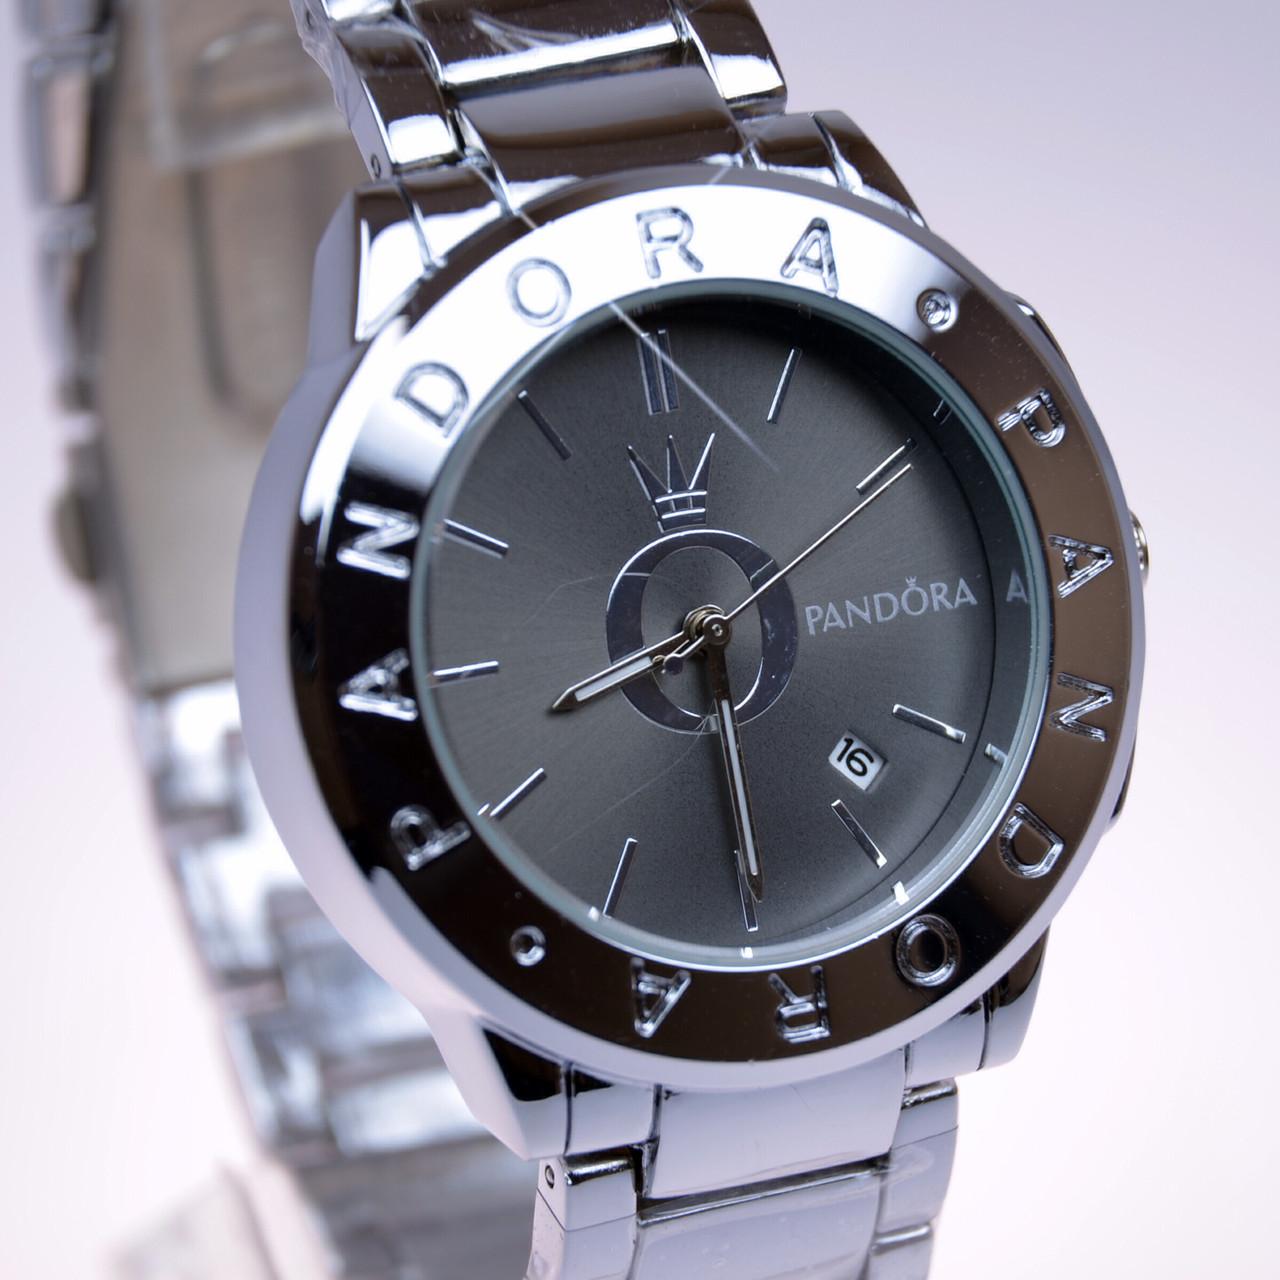 d854d910f184 Женские наручные часы PANDORA (Пандора) В156 Silver : продажа, цена ...